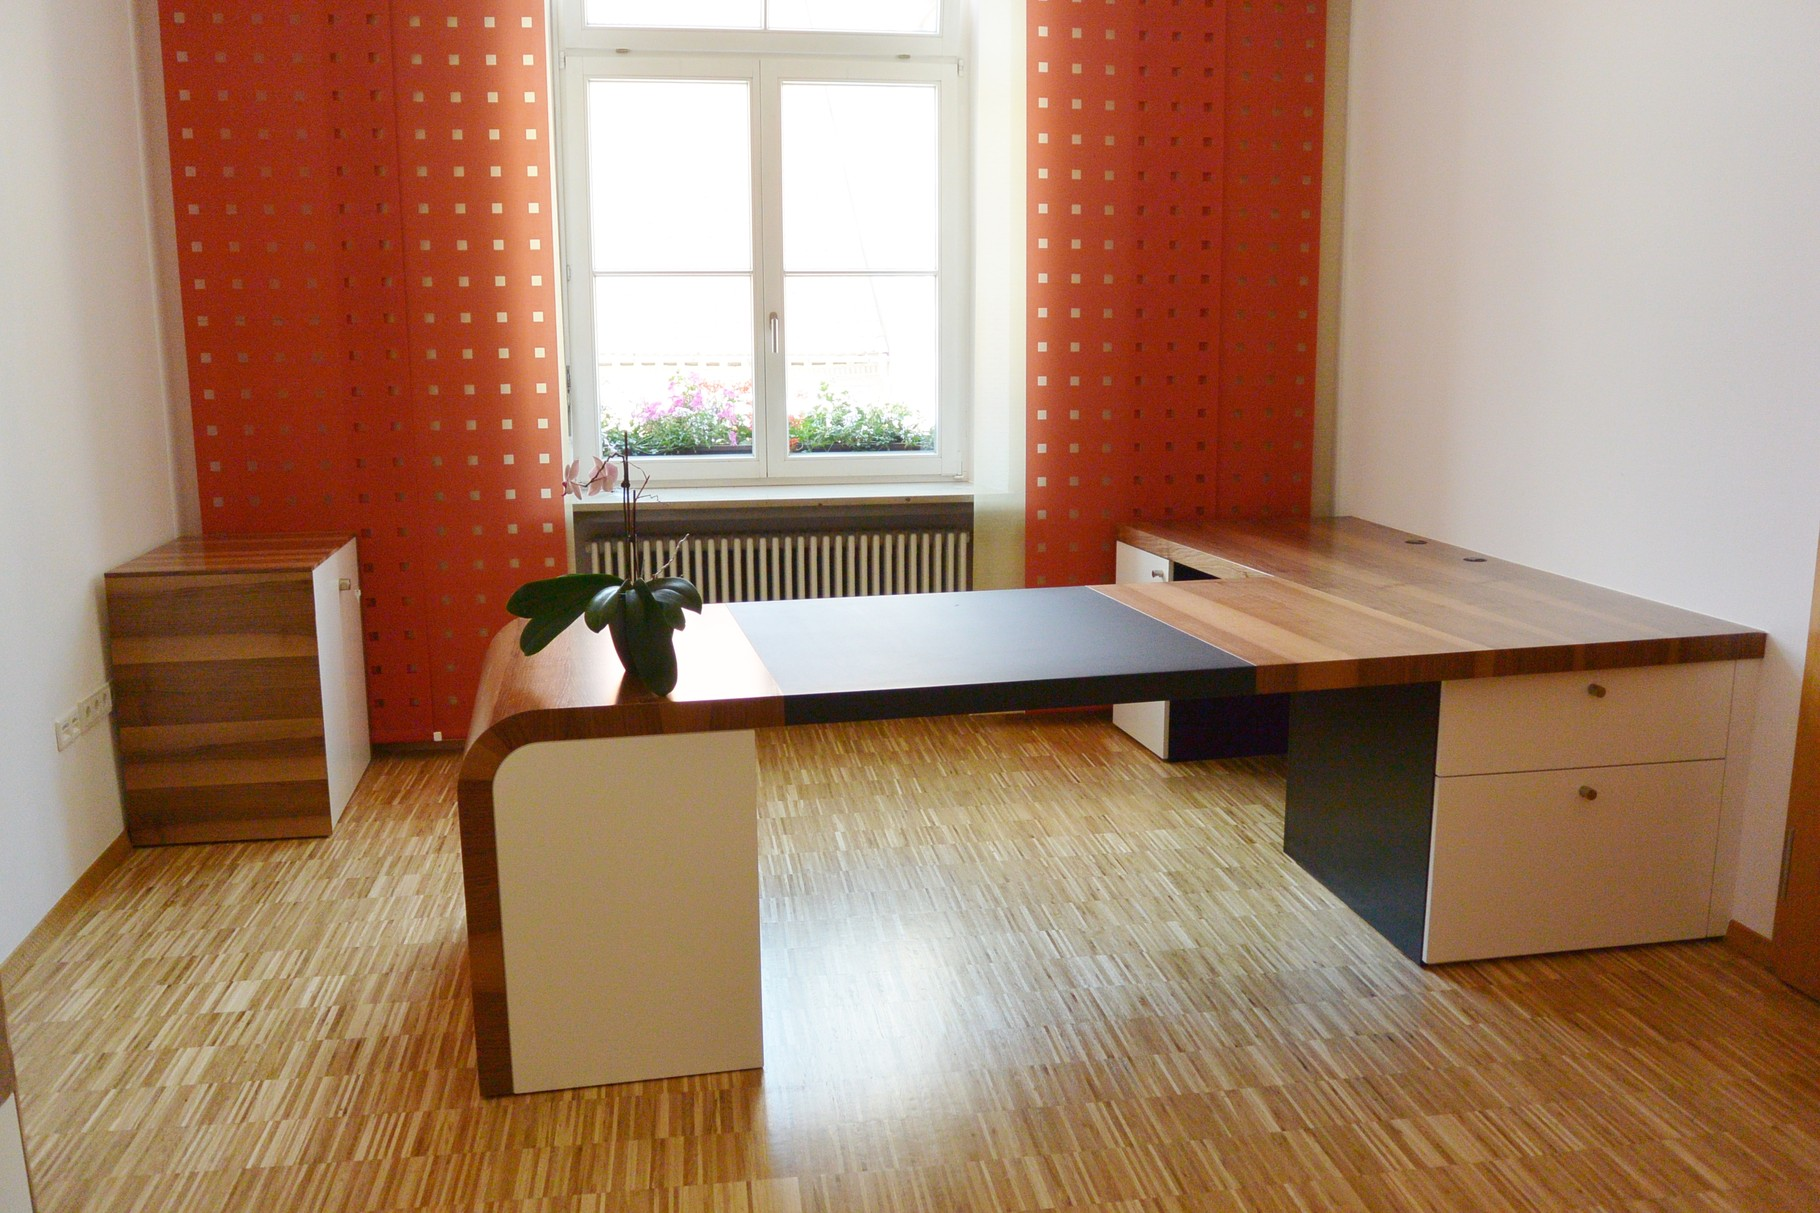 Büroeinrichtung mit Schreibtisch, Sideboard mit drehbarem Besprechungstrresen